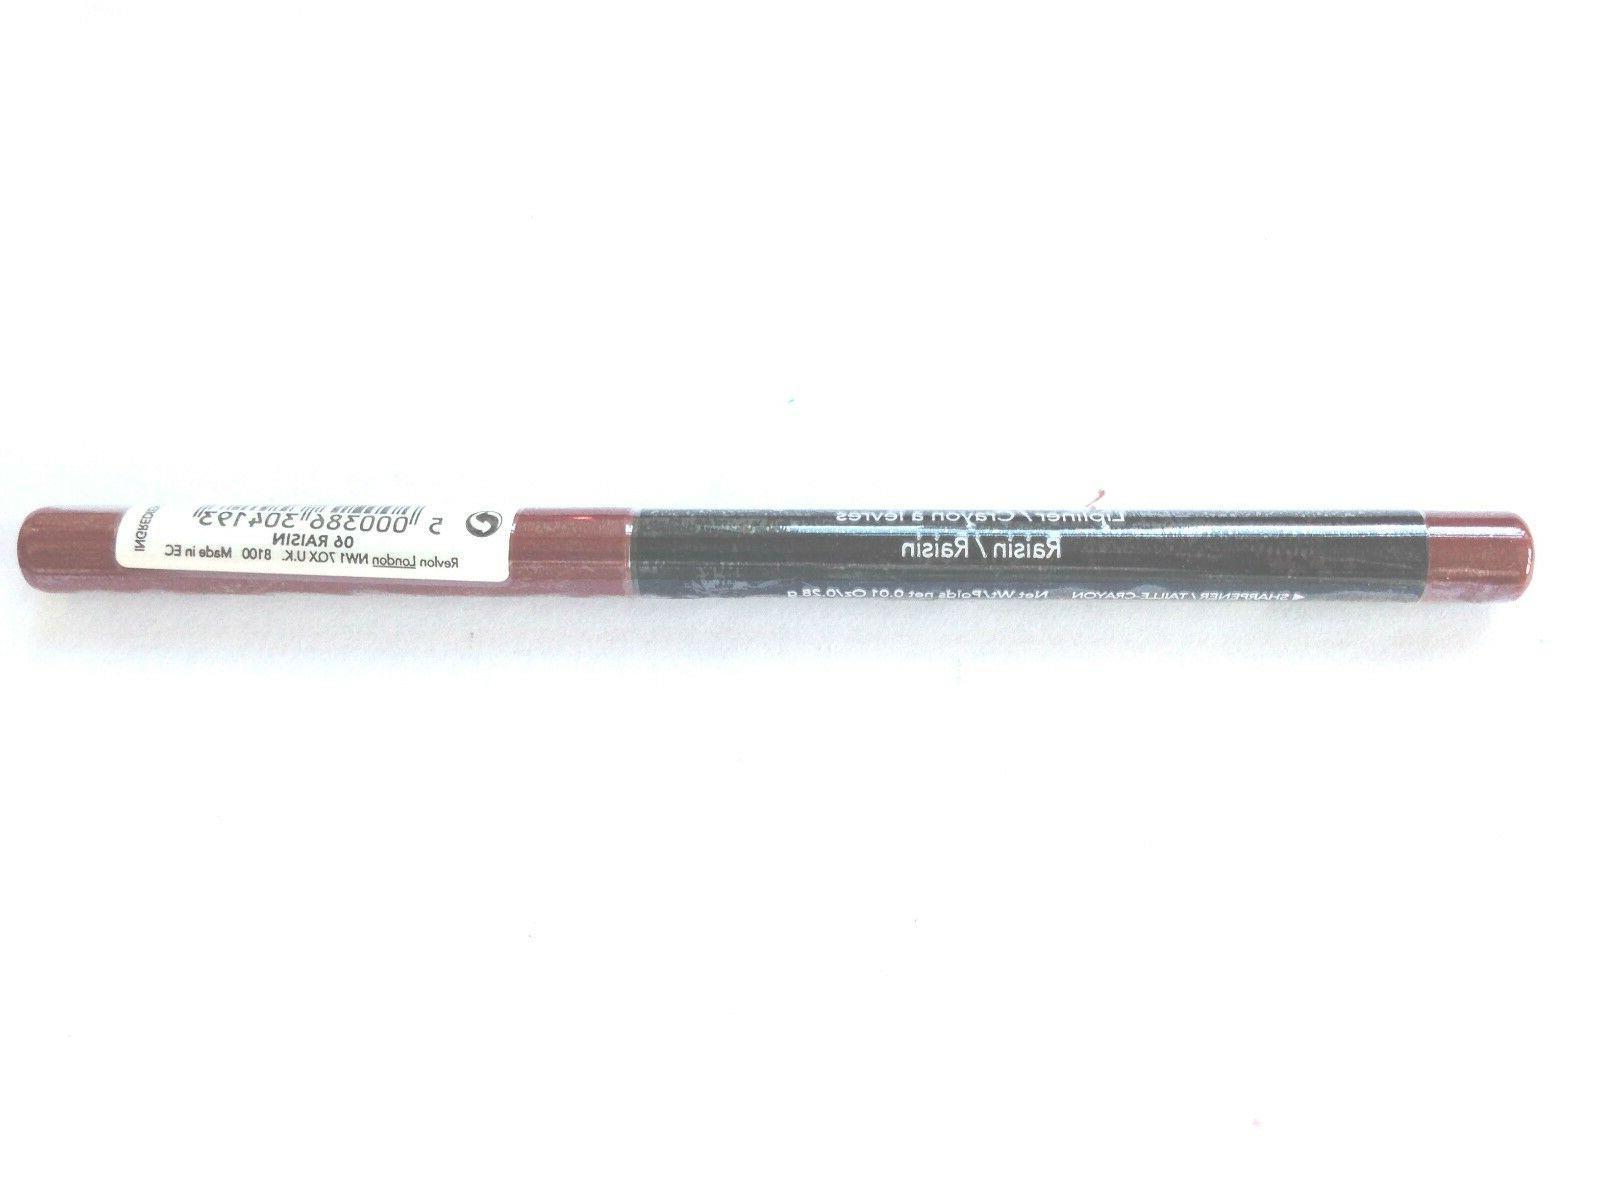 colorstay retractable twist up lip liner pencil